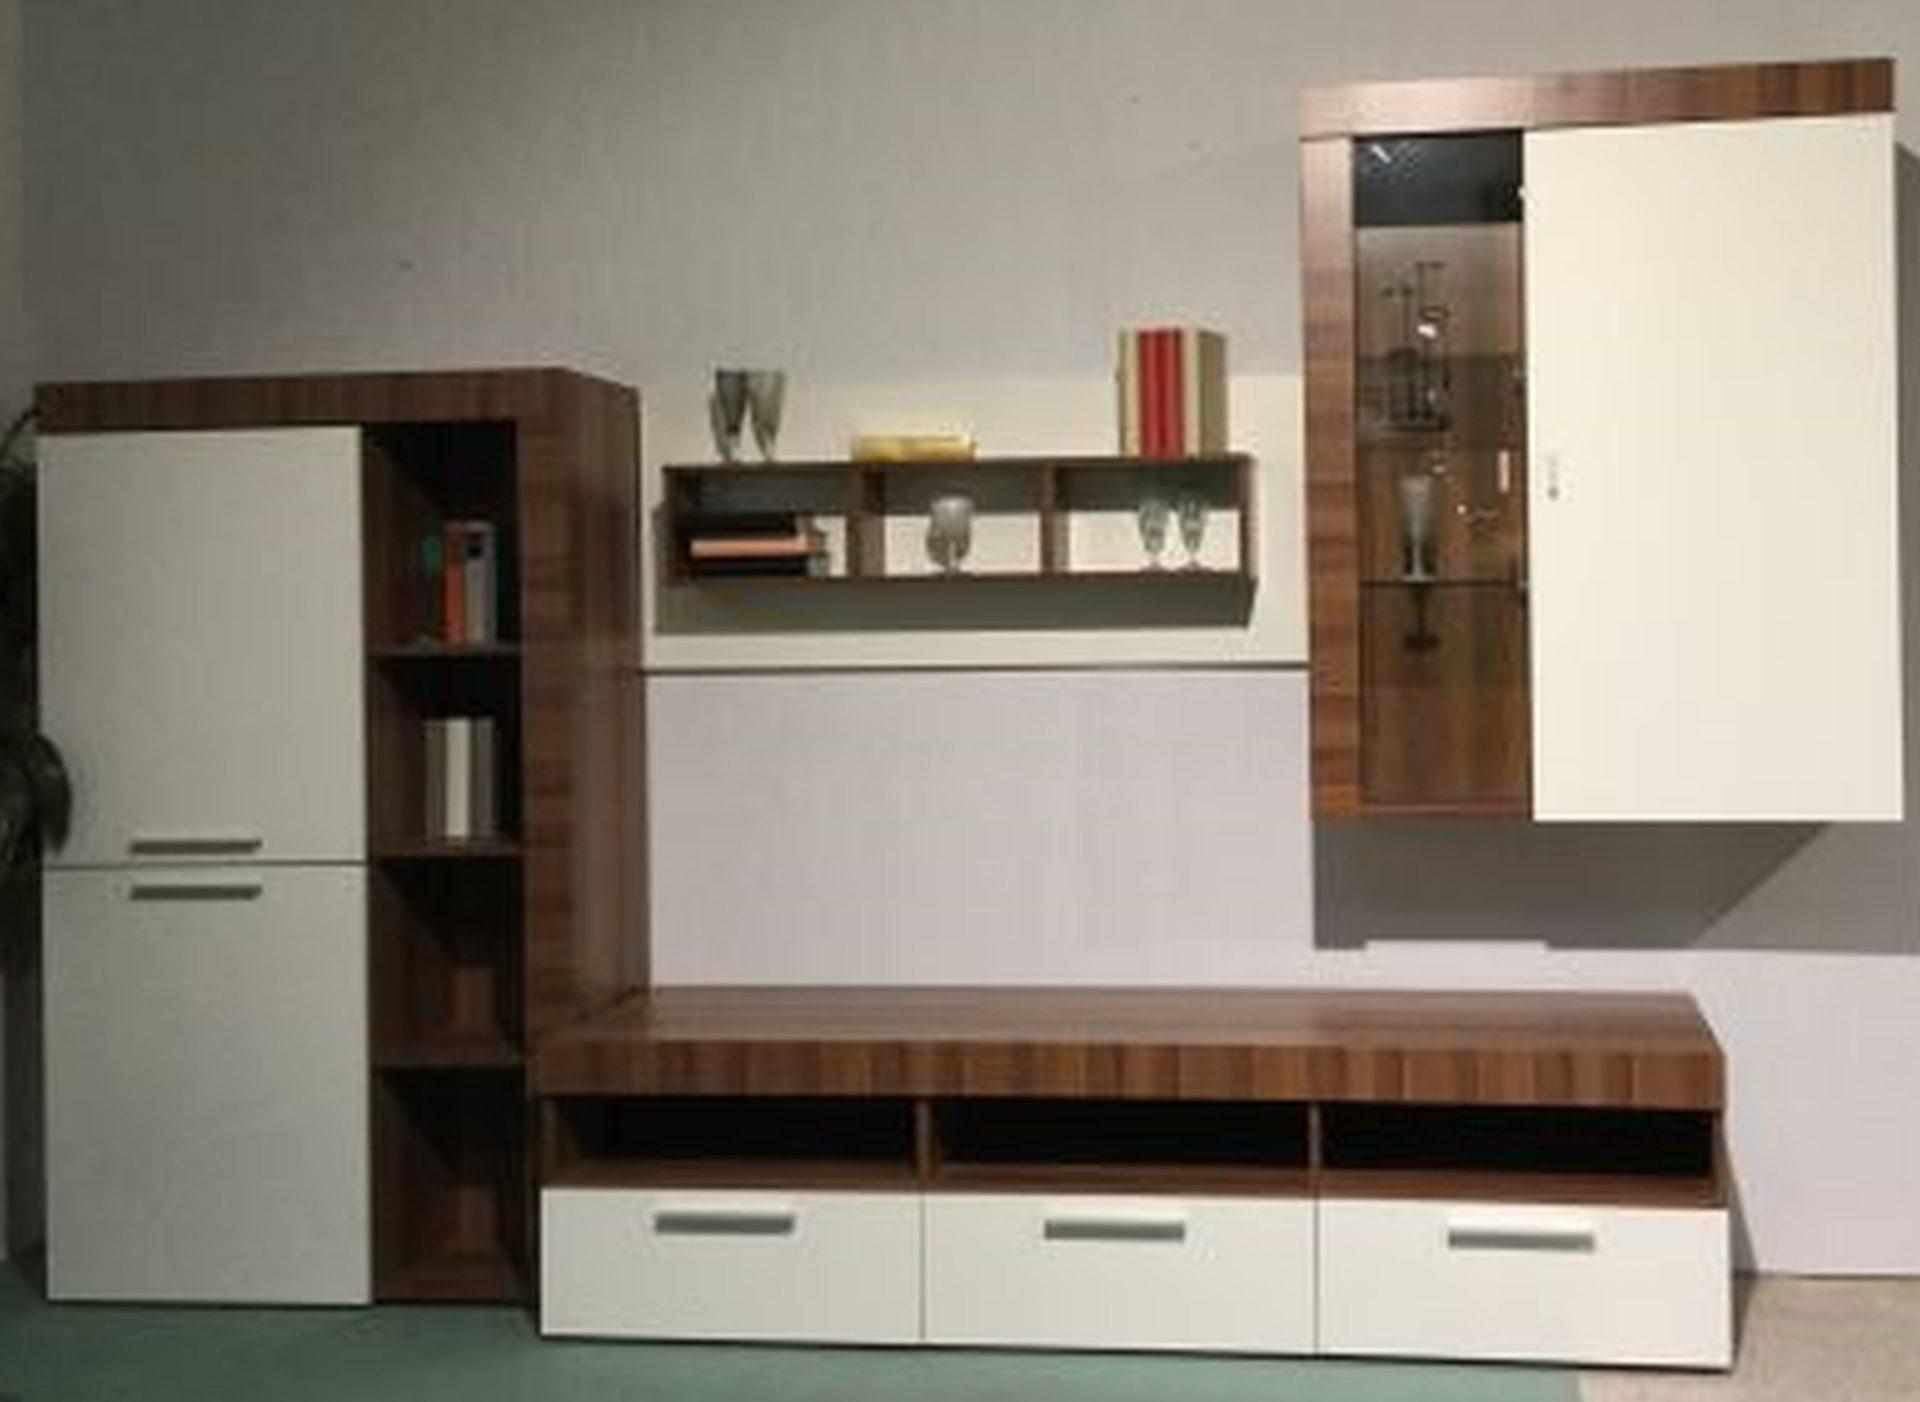 Wohnwand nussbaum weiß günstig  Möbel Hermes , Ausstellungsstücke, Wohnwand, Wohnwand, Korpus ...